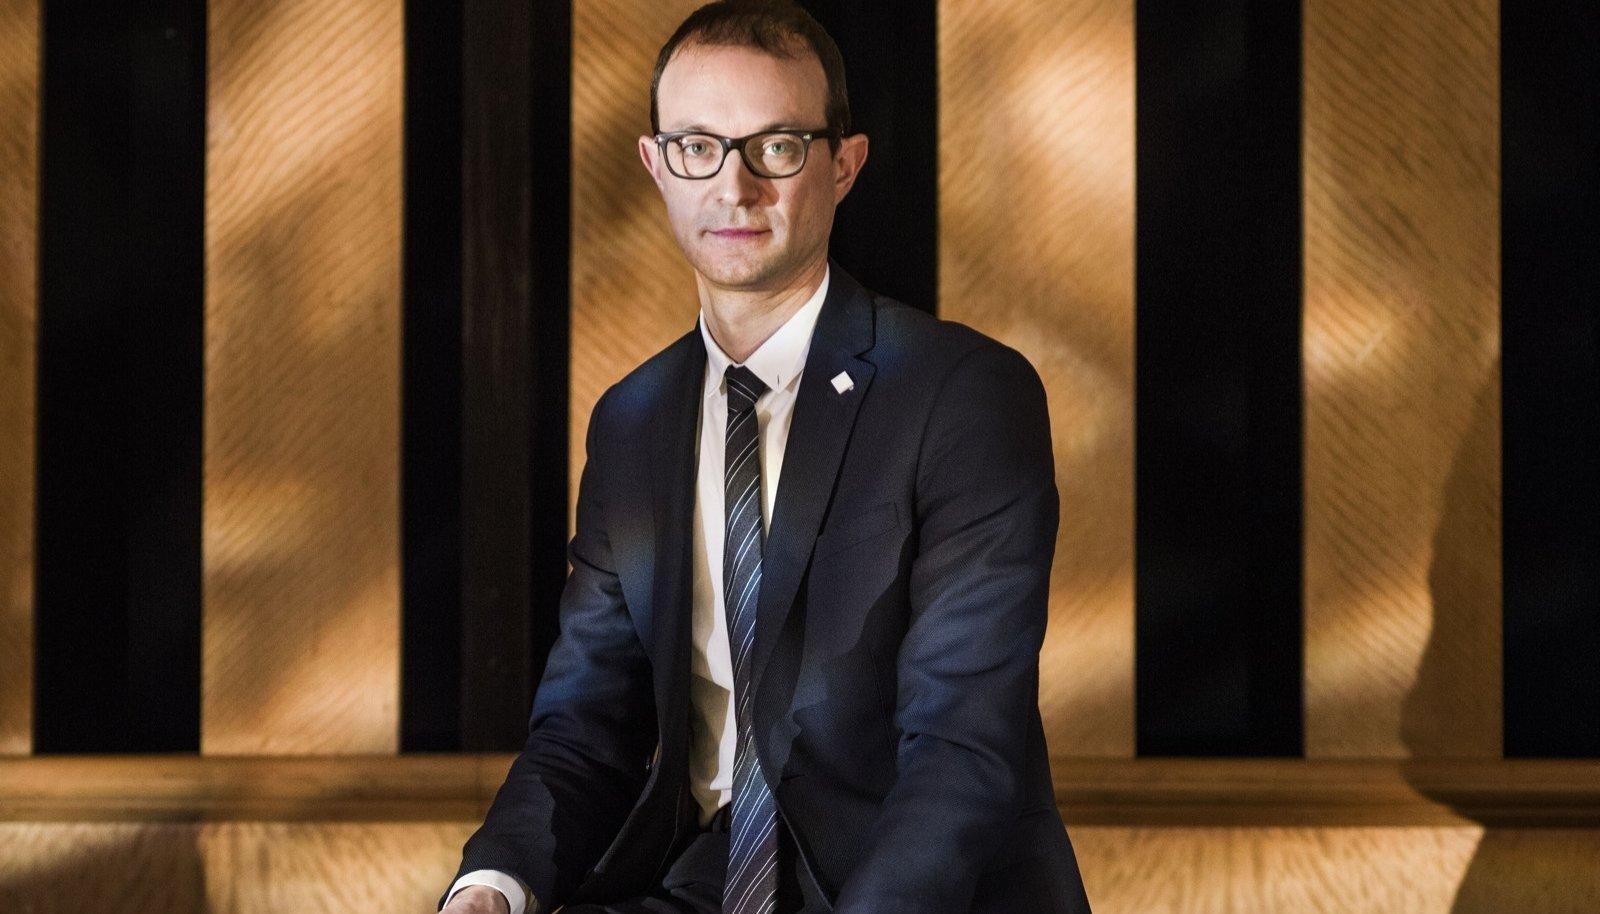 OMA ISA POEG: Michael Pärt on Arvo Pärdi Keskuse nõukogu esimees.